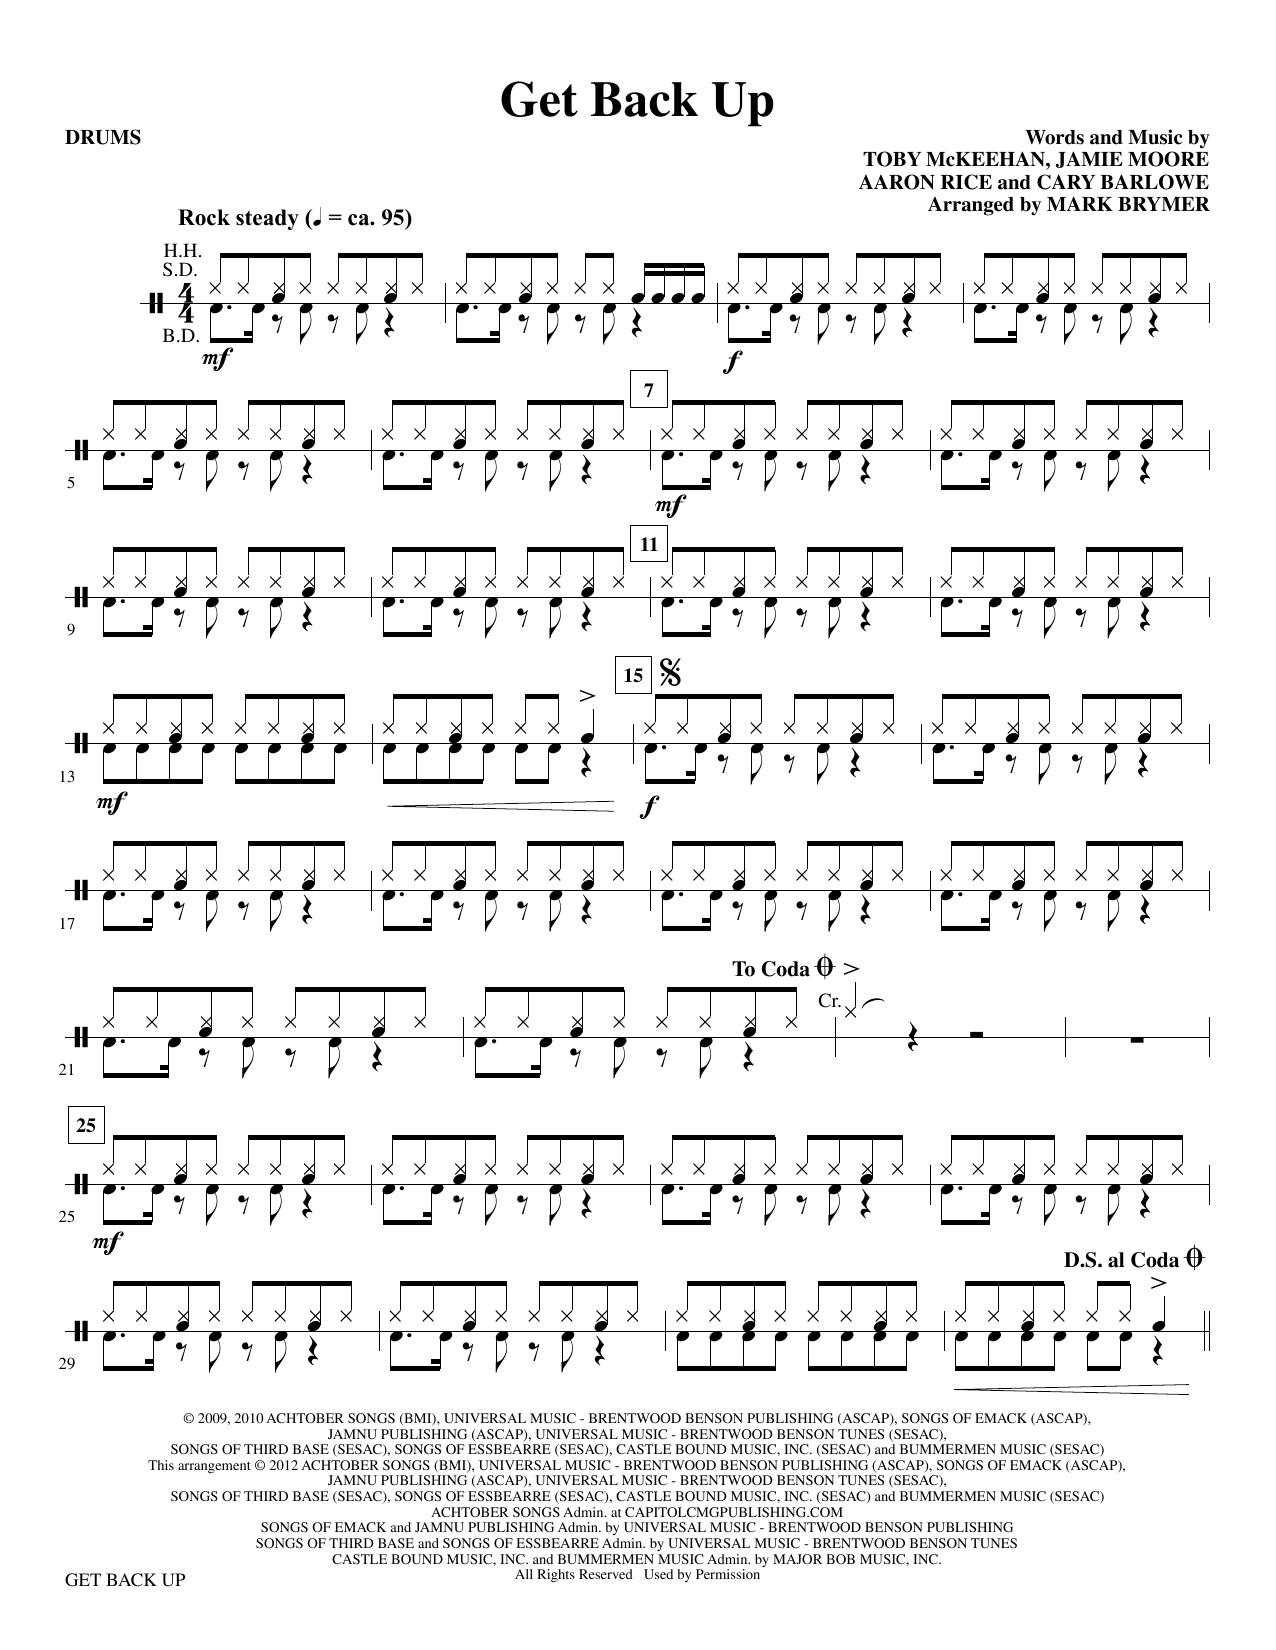 tobyMac - Get Back Up - Drums